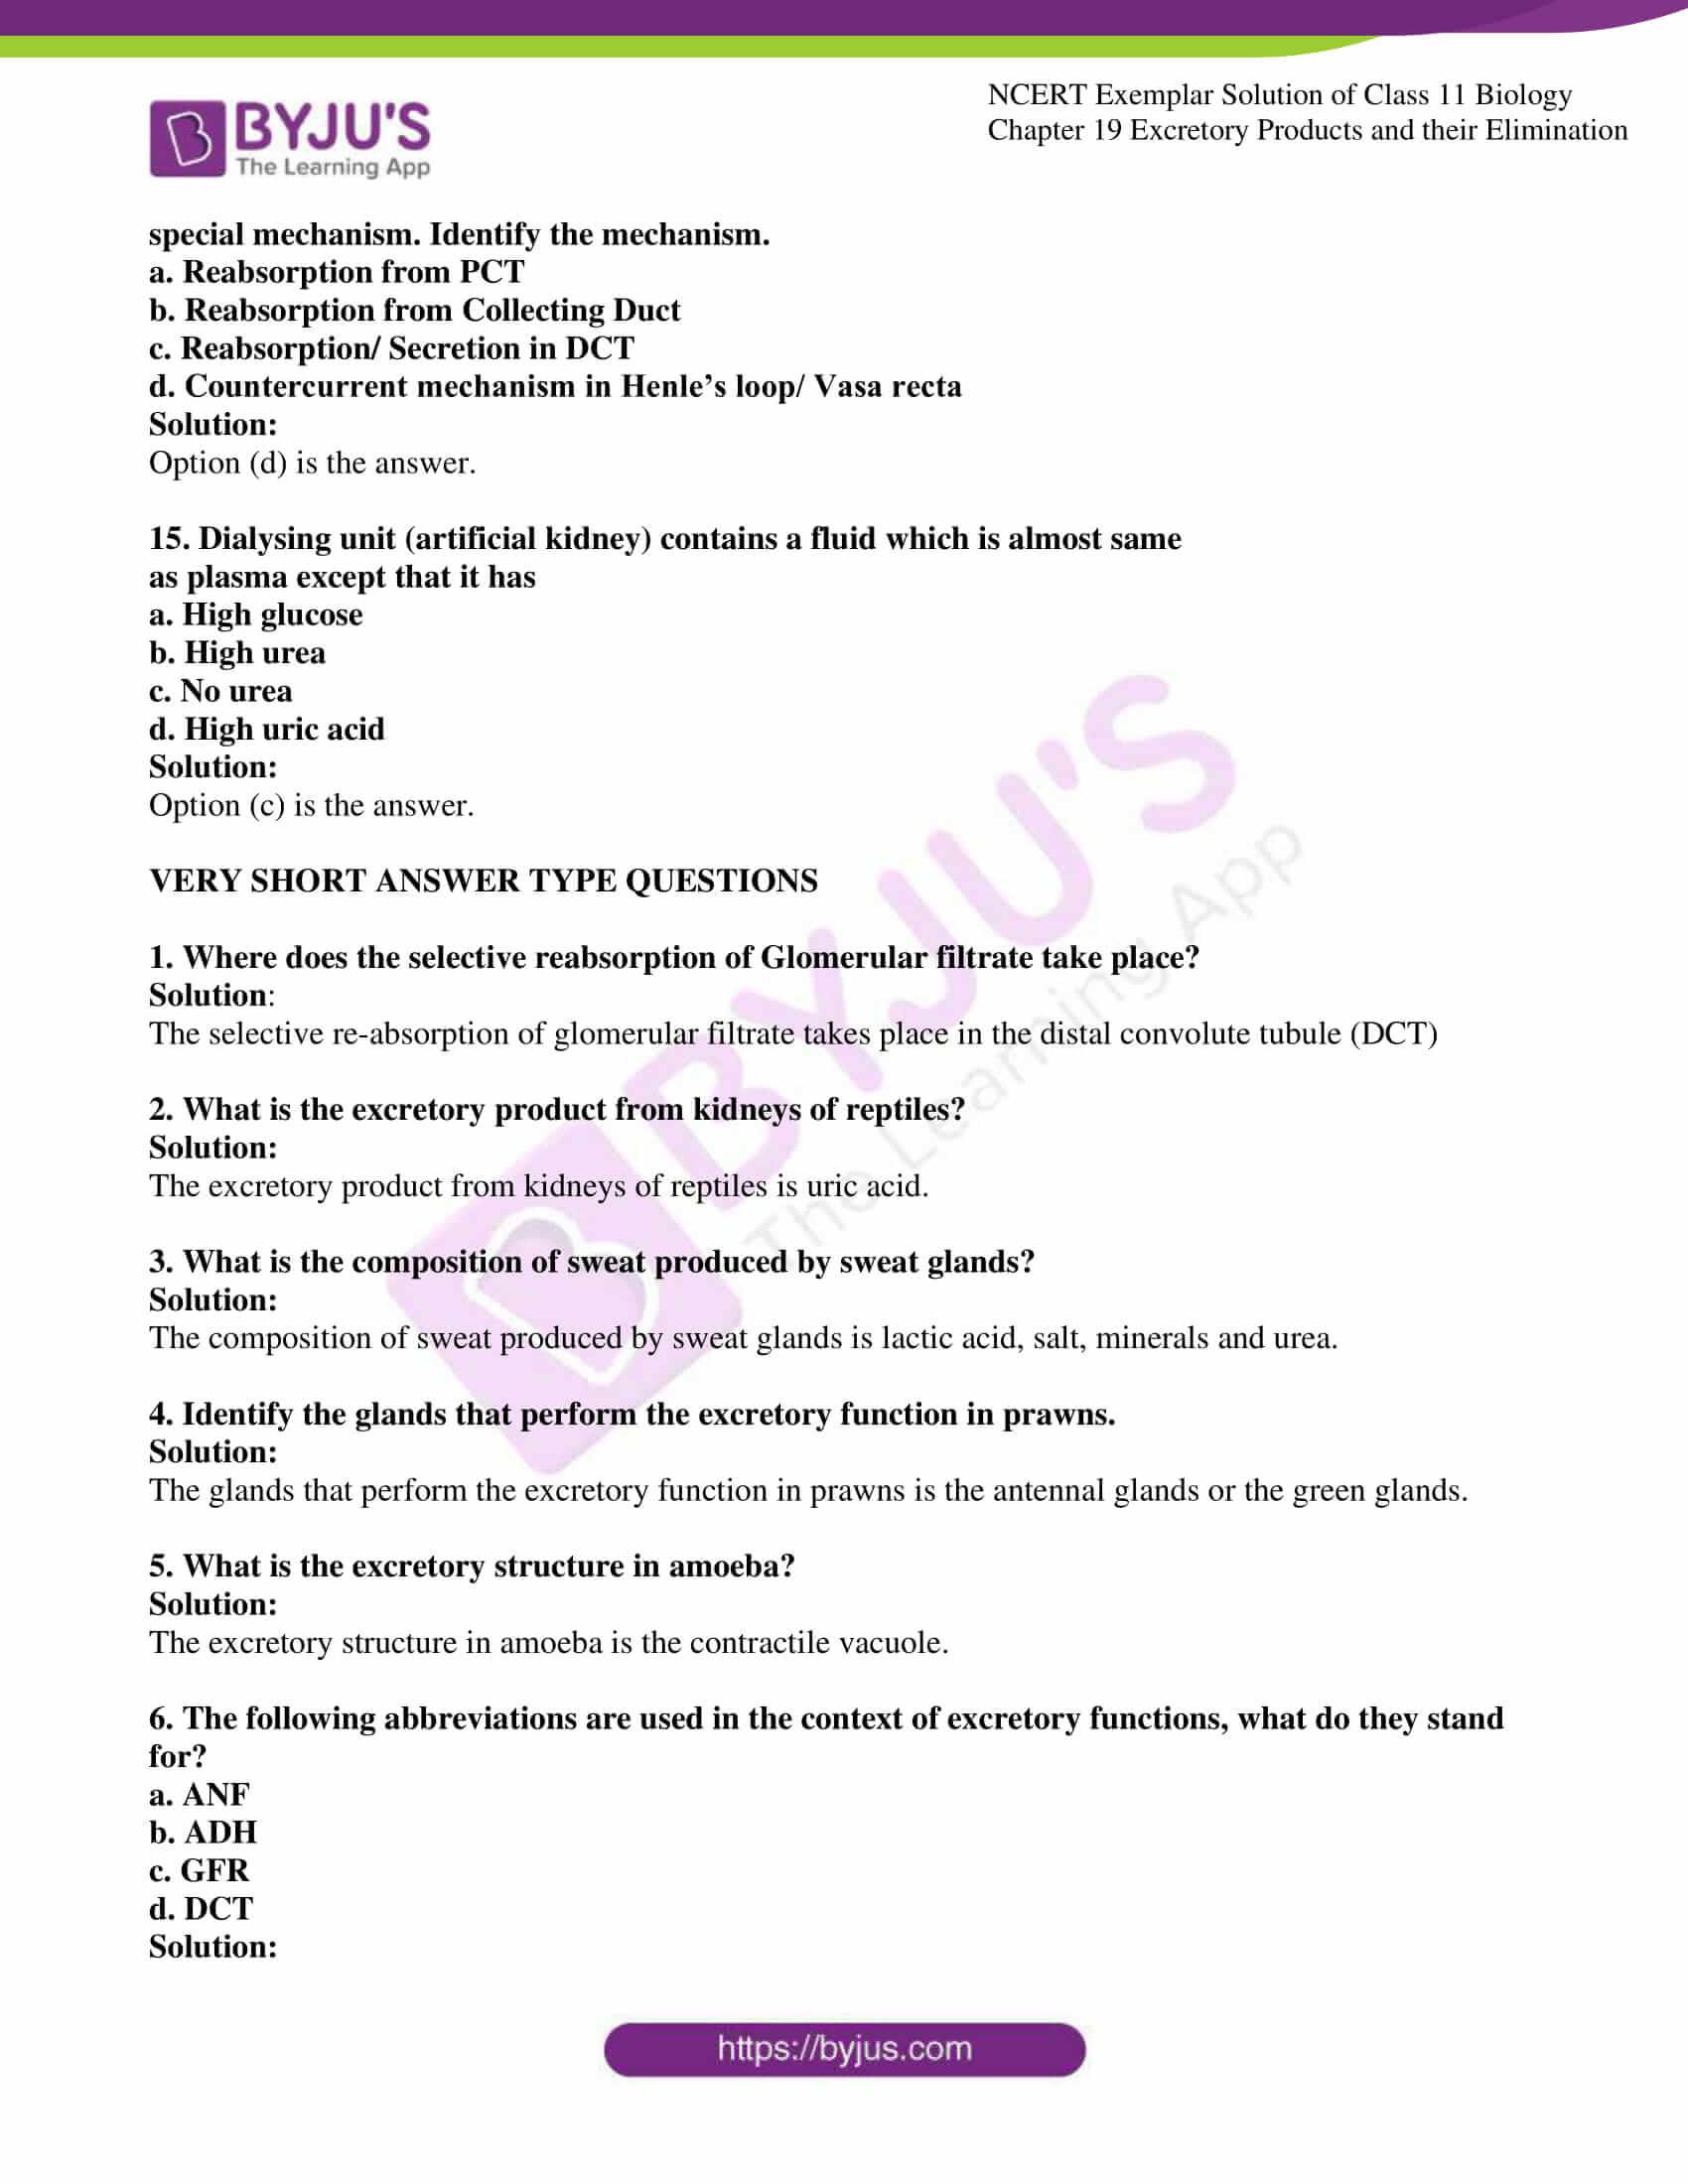 ncert exemplar solutions class 11 biology chapter 19 04